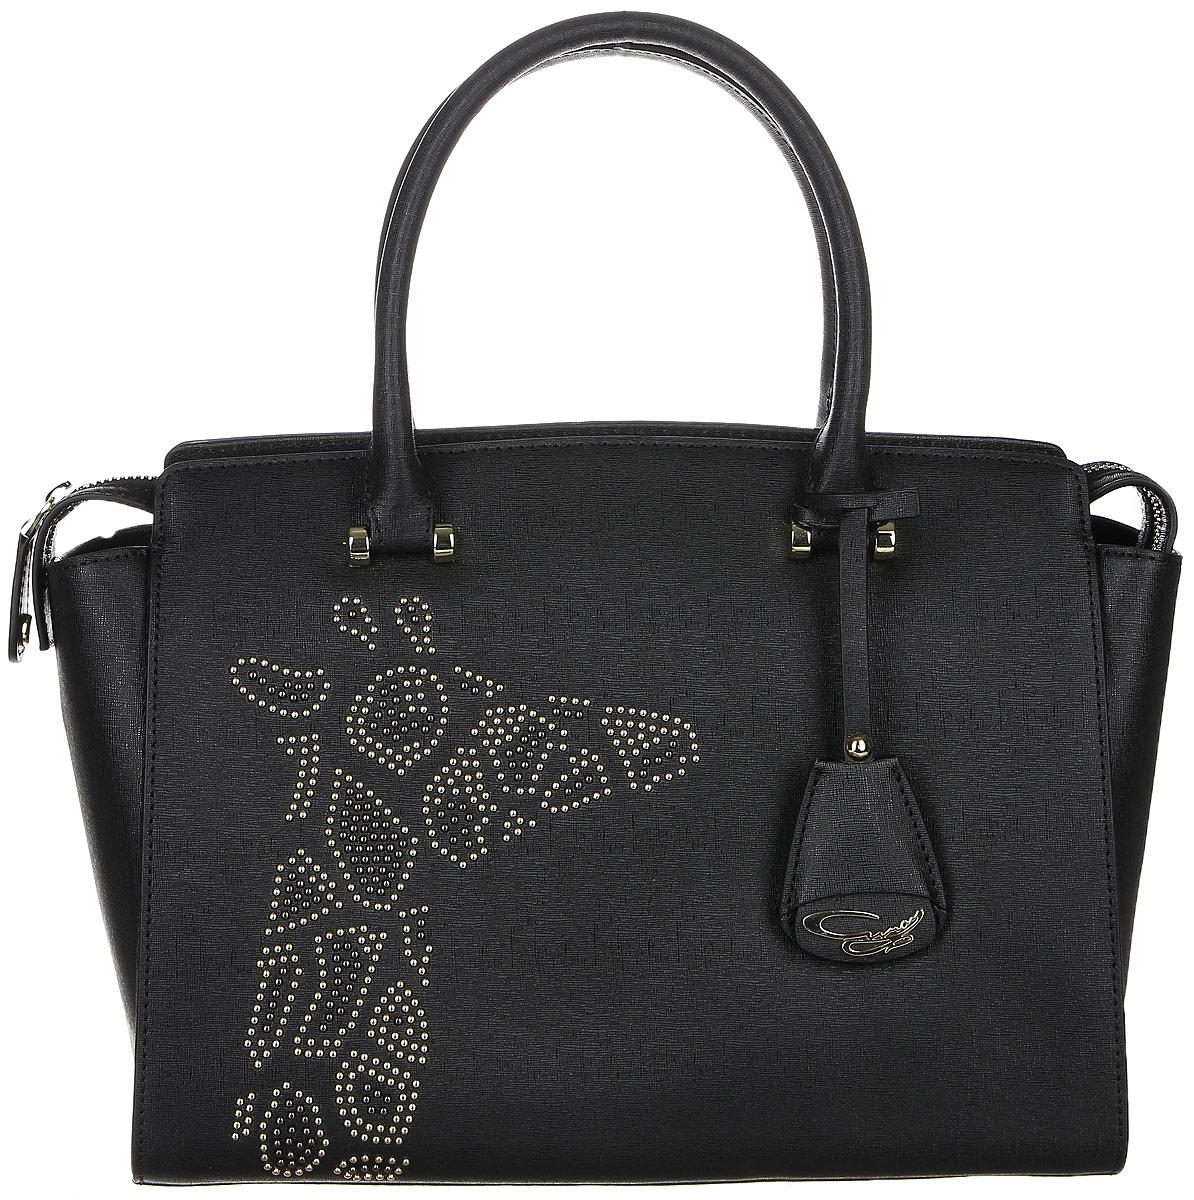 Сумка жен Curanni Сафари, цвет: черный. 20322032Элегантная сумка итальянского бренда Curanni, сделана из натуральной кожи. Такая модель превосходно дополнит любой деловой образ, и также может стать превосходным дополнением образа на прогулке или в клубе. Благодаря хорошей вместительности будет очень удобна для повседневного использования, что по достоинству оценит любая девушка. Внутри: Два кармана, один из которых на потайной молнии, подойдет для документов или мелочей, другие два кармана без молнии также подойдут для мелочей или мобильного телефона. Внутри сумки два отдела разделенные карманом на молнии. Снаружи: Один карман на тыльной стороне сумки на молнии. Дополнена длинным ремнем.